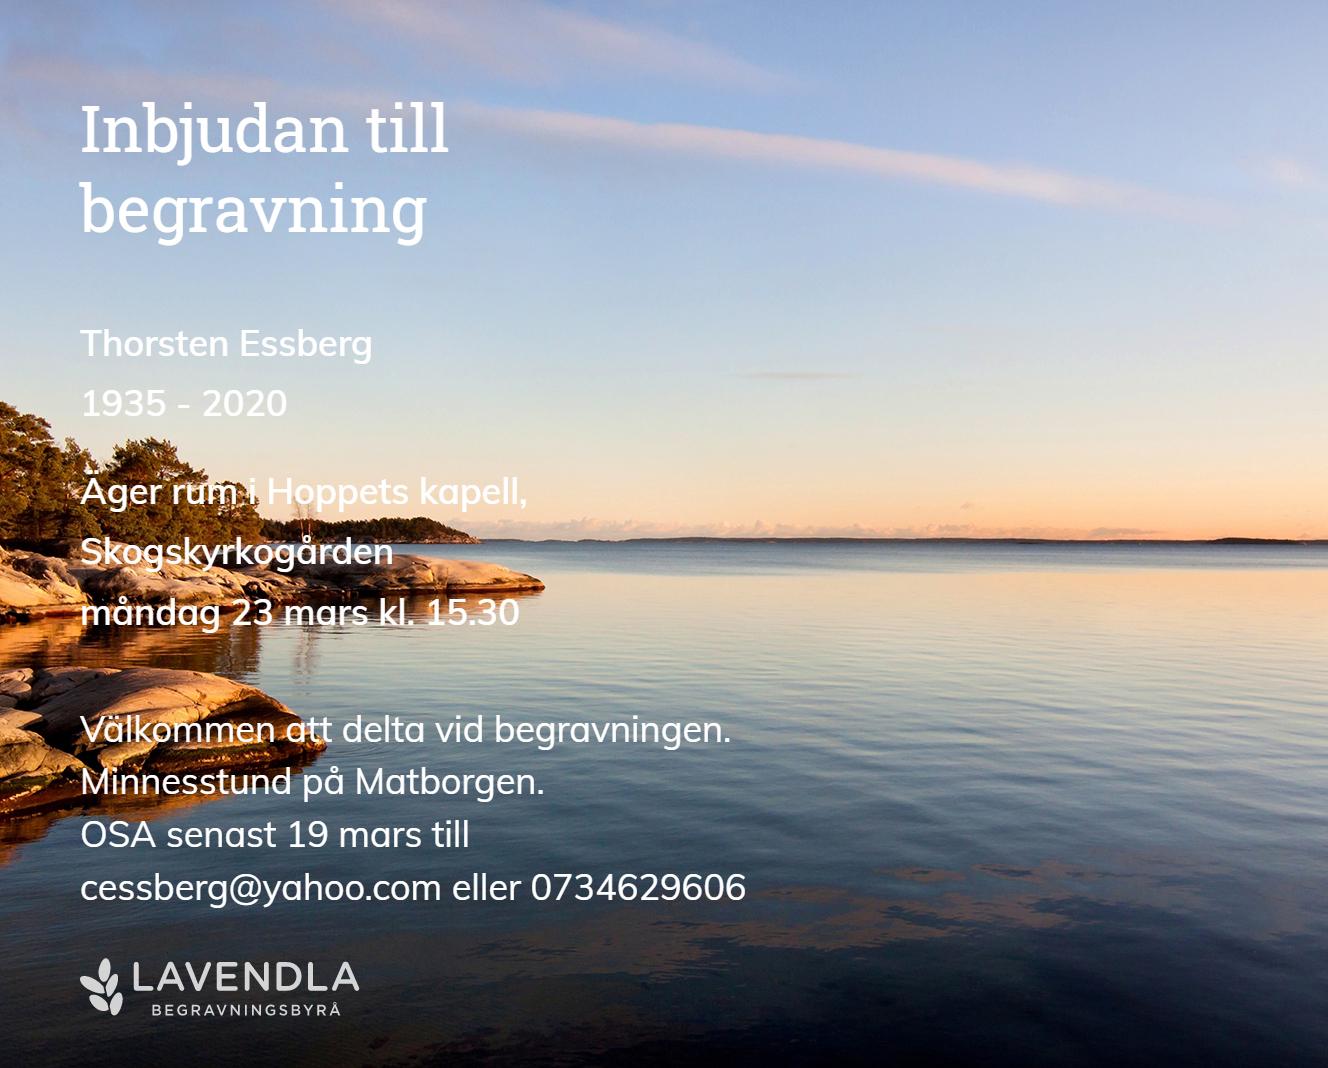 Inbjudningskort till ceremonin för Thorsten Essberg